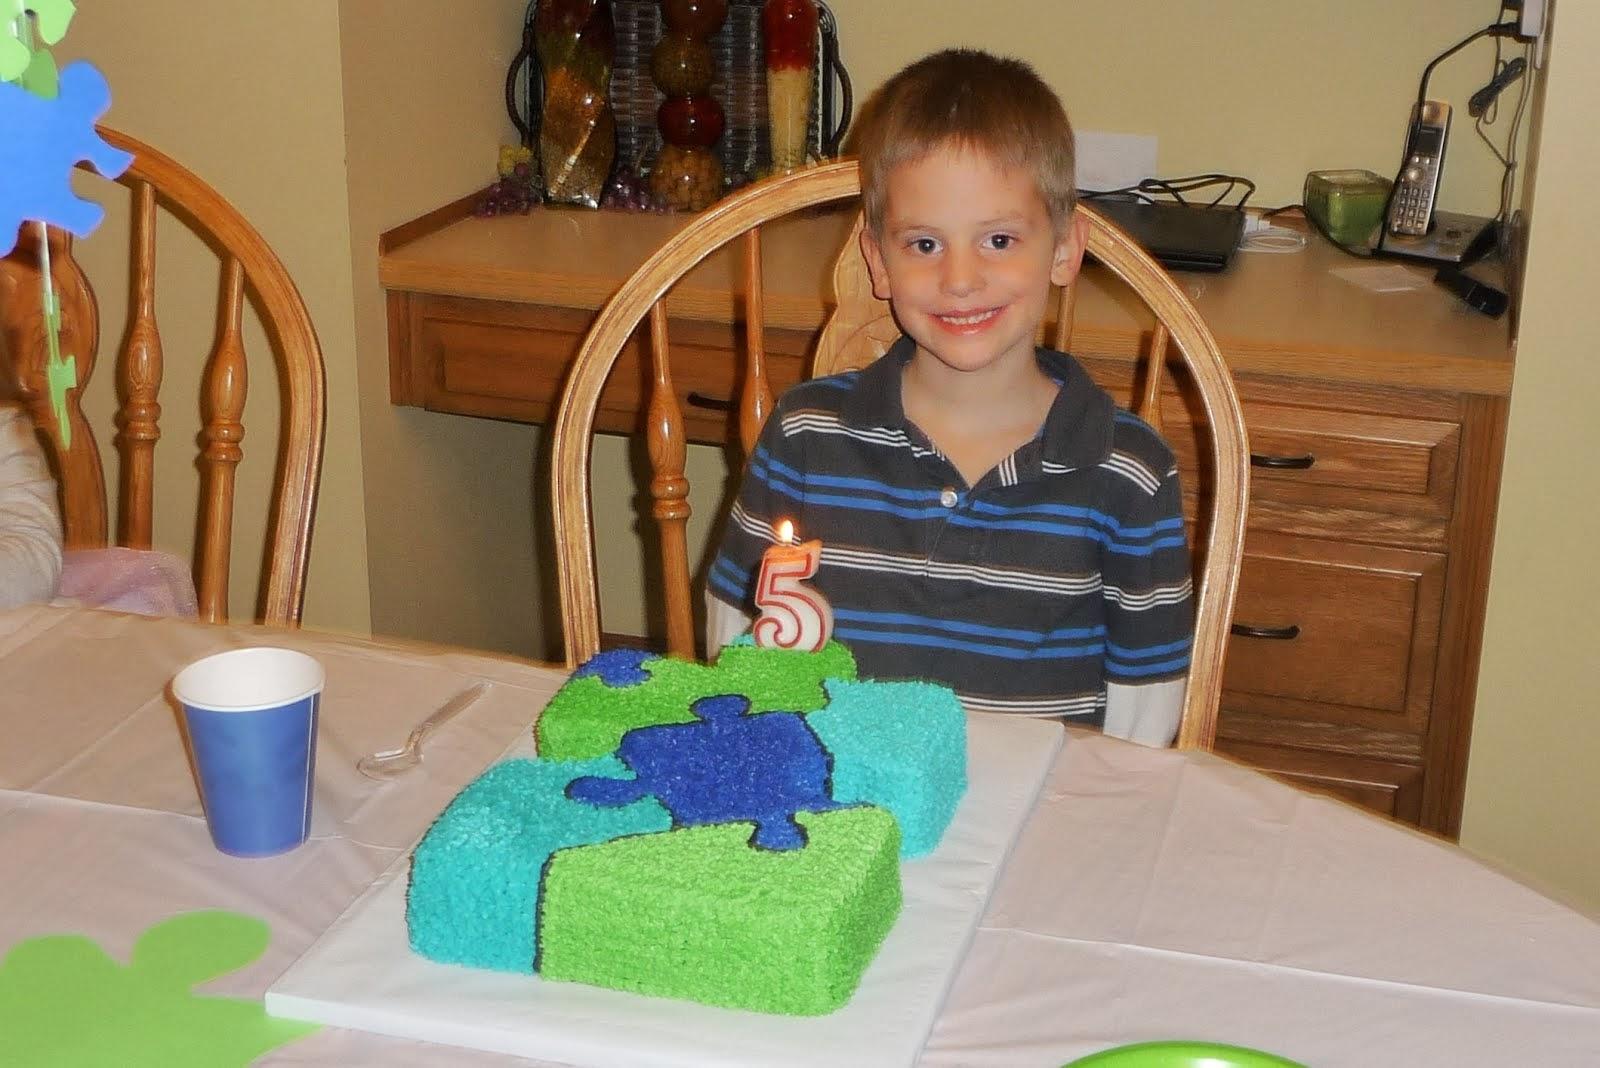 Liam age 5